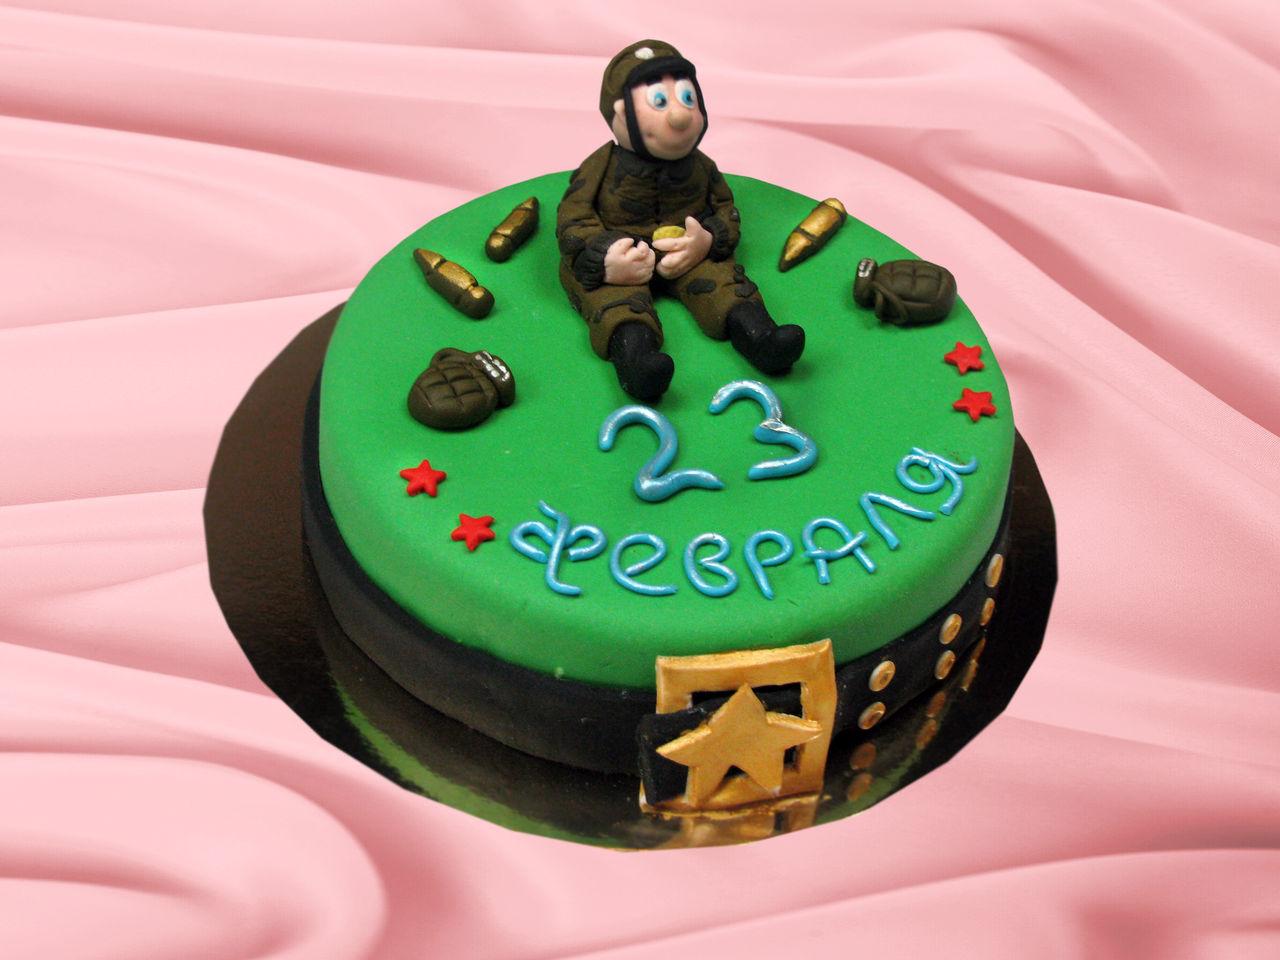 ❶Торт с 23 февраля фото Лучшее поздравление 23 февраля торты на заказ г.Грозный (@tortik_95) • Instagram photos and videos Эксклюзивные торты }